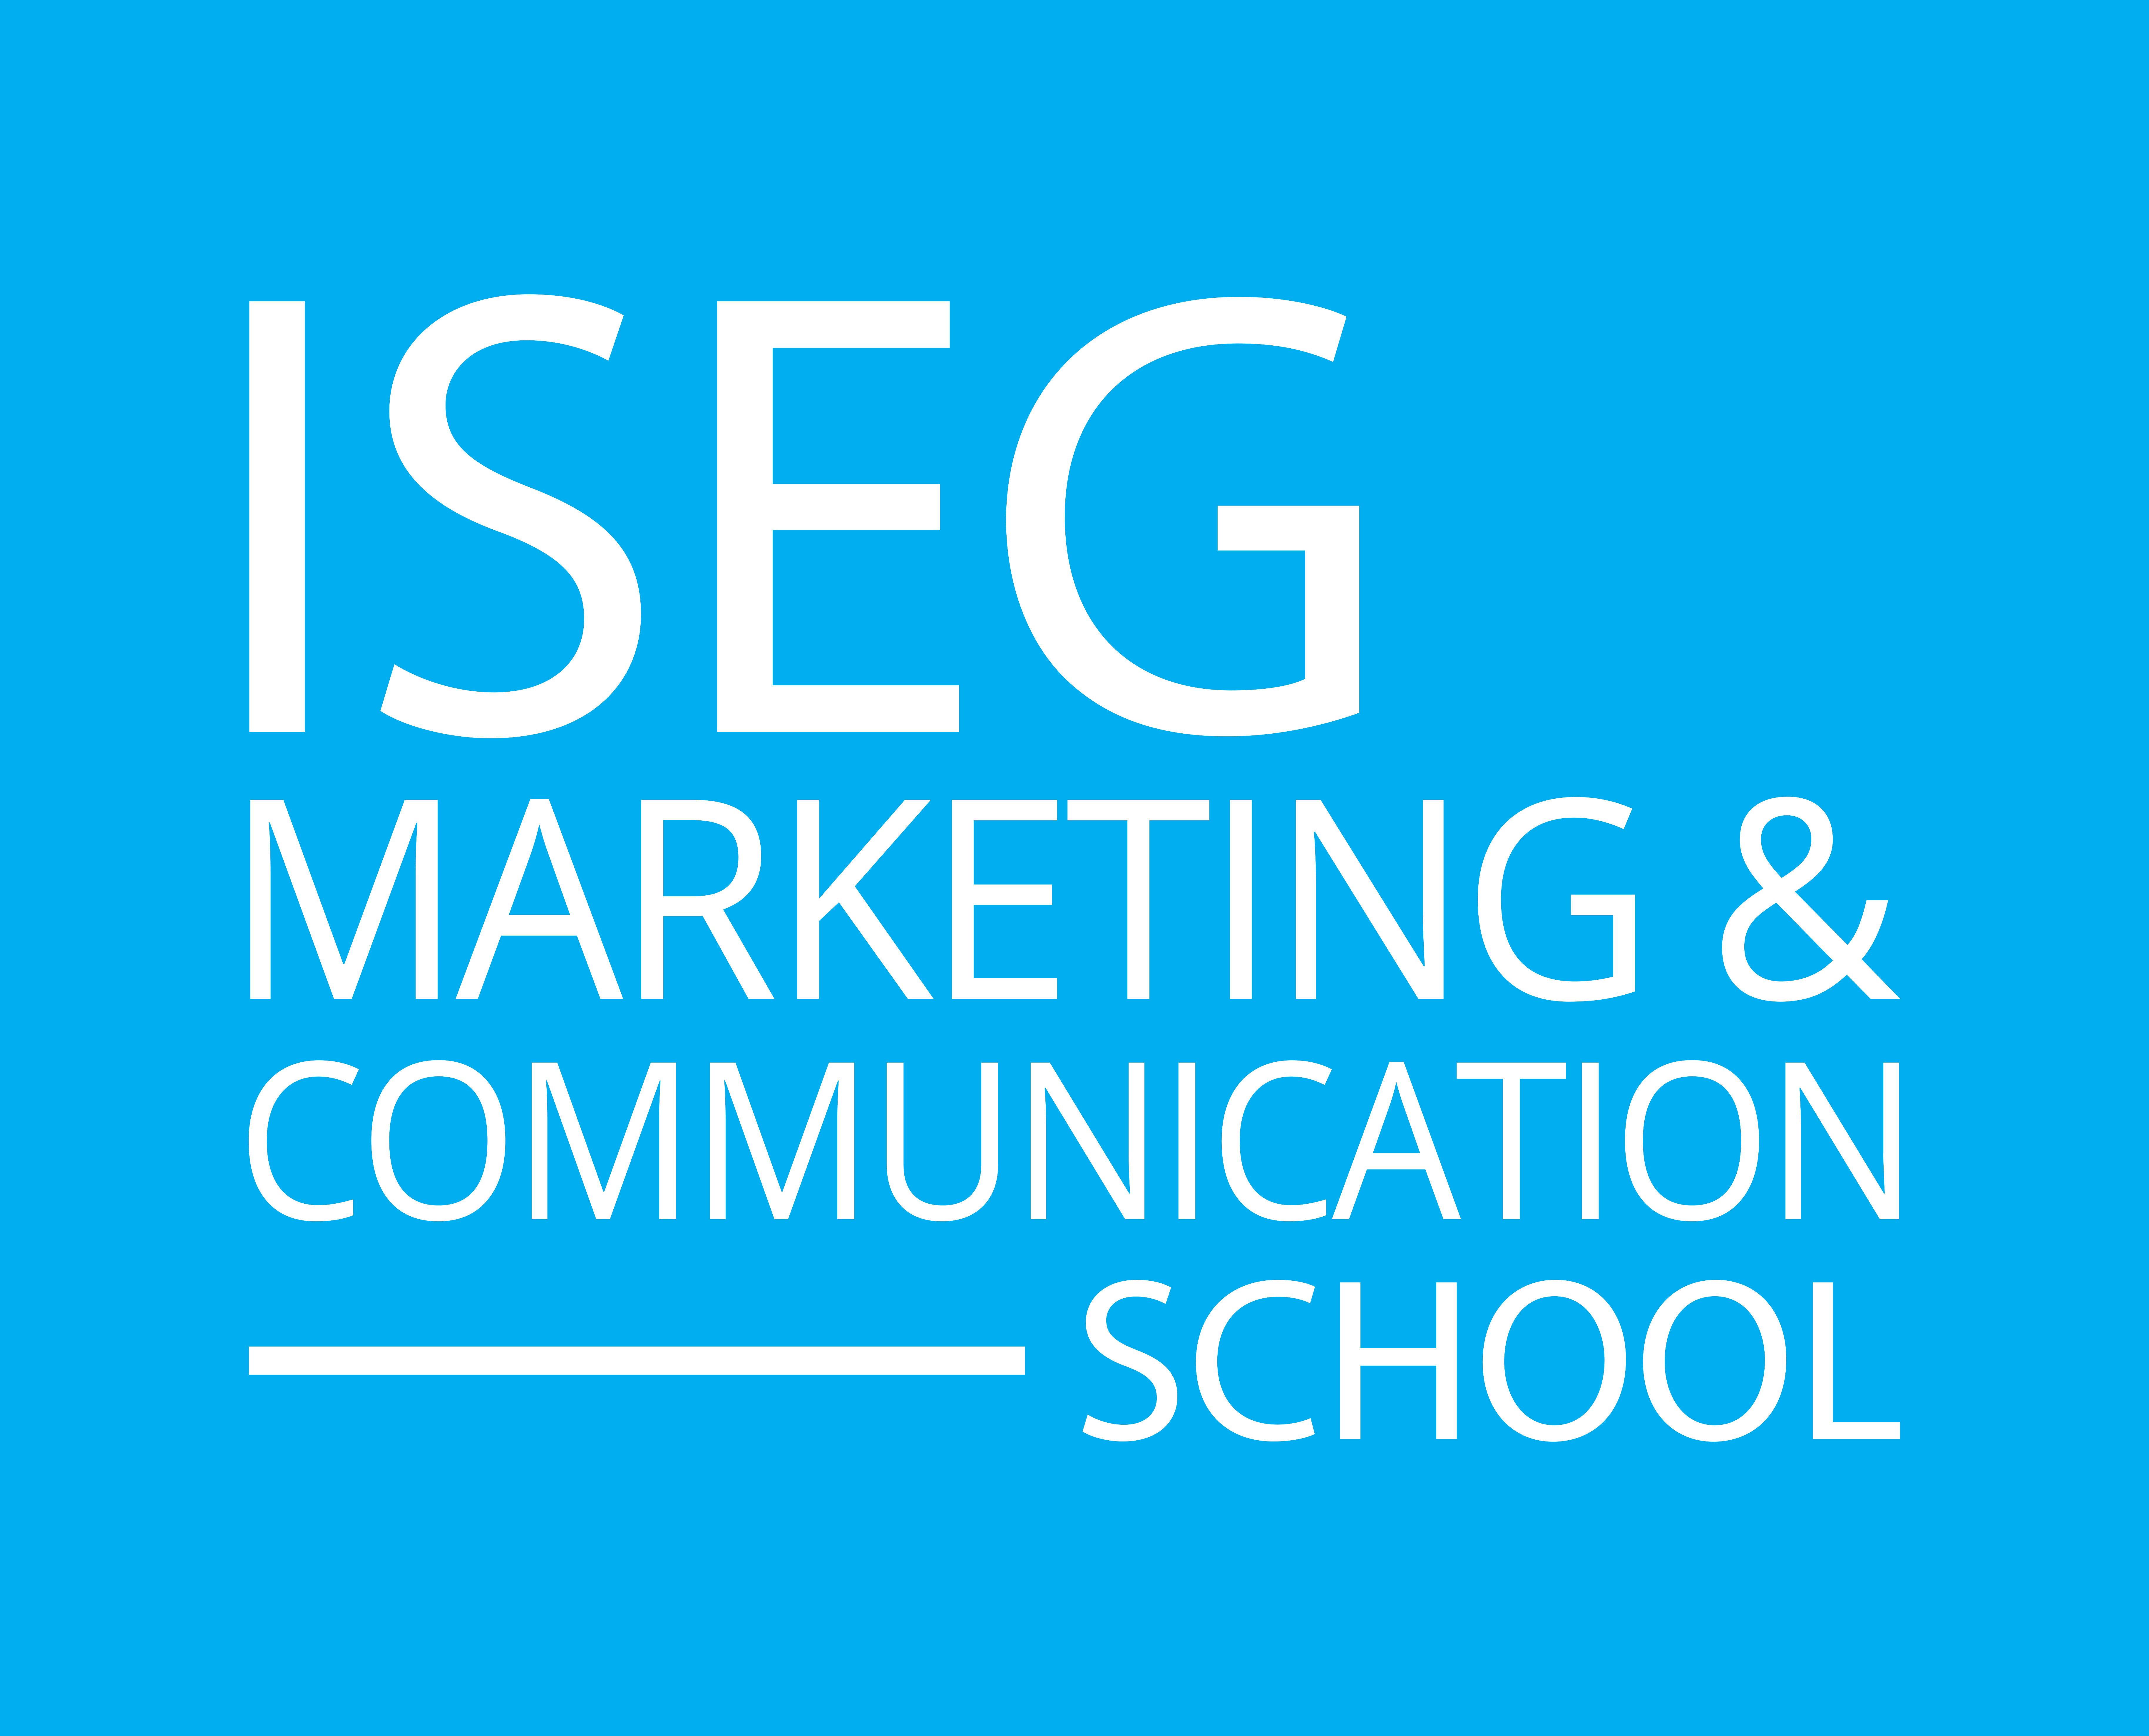 NEW-LOGO-ISEG-MCS-25-06-2014_HD